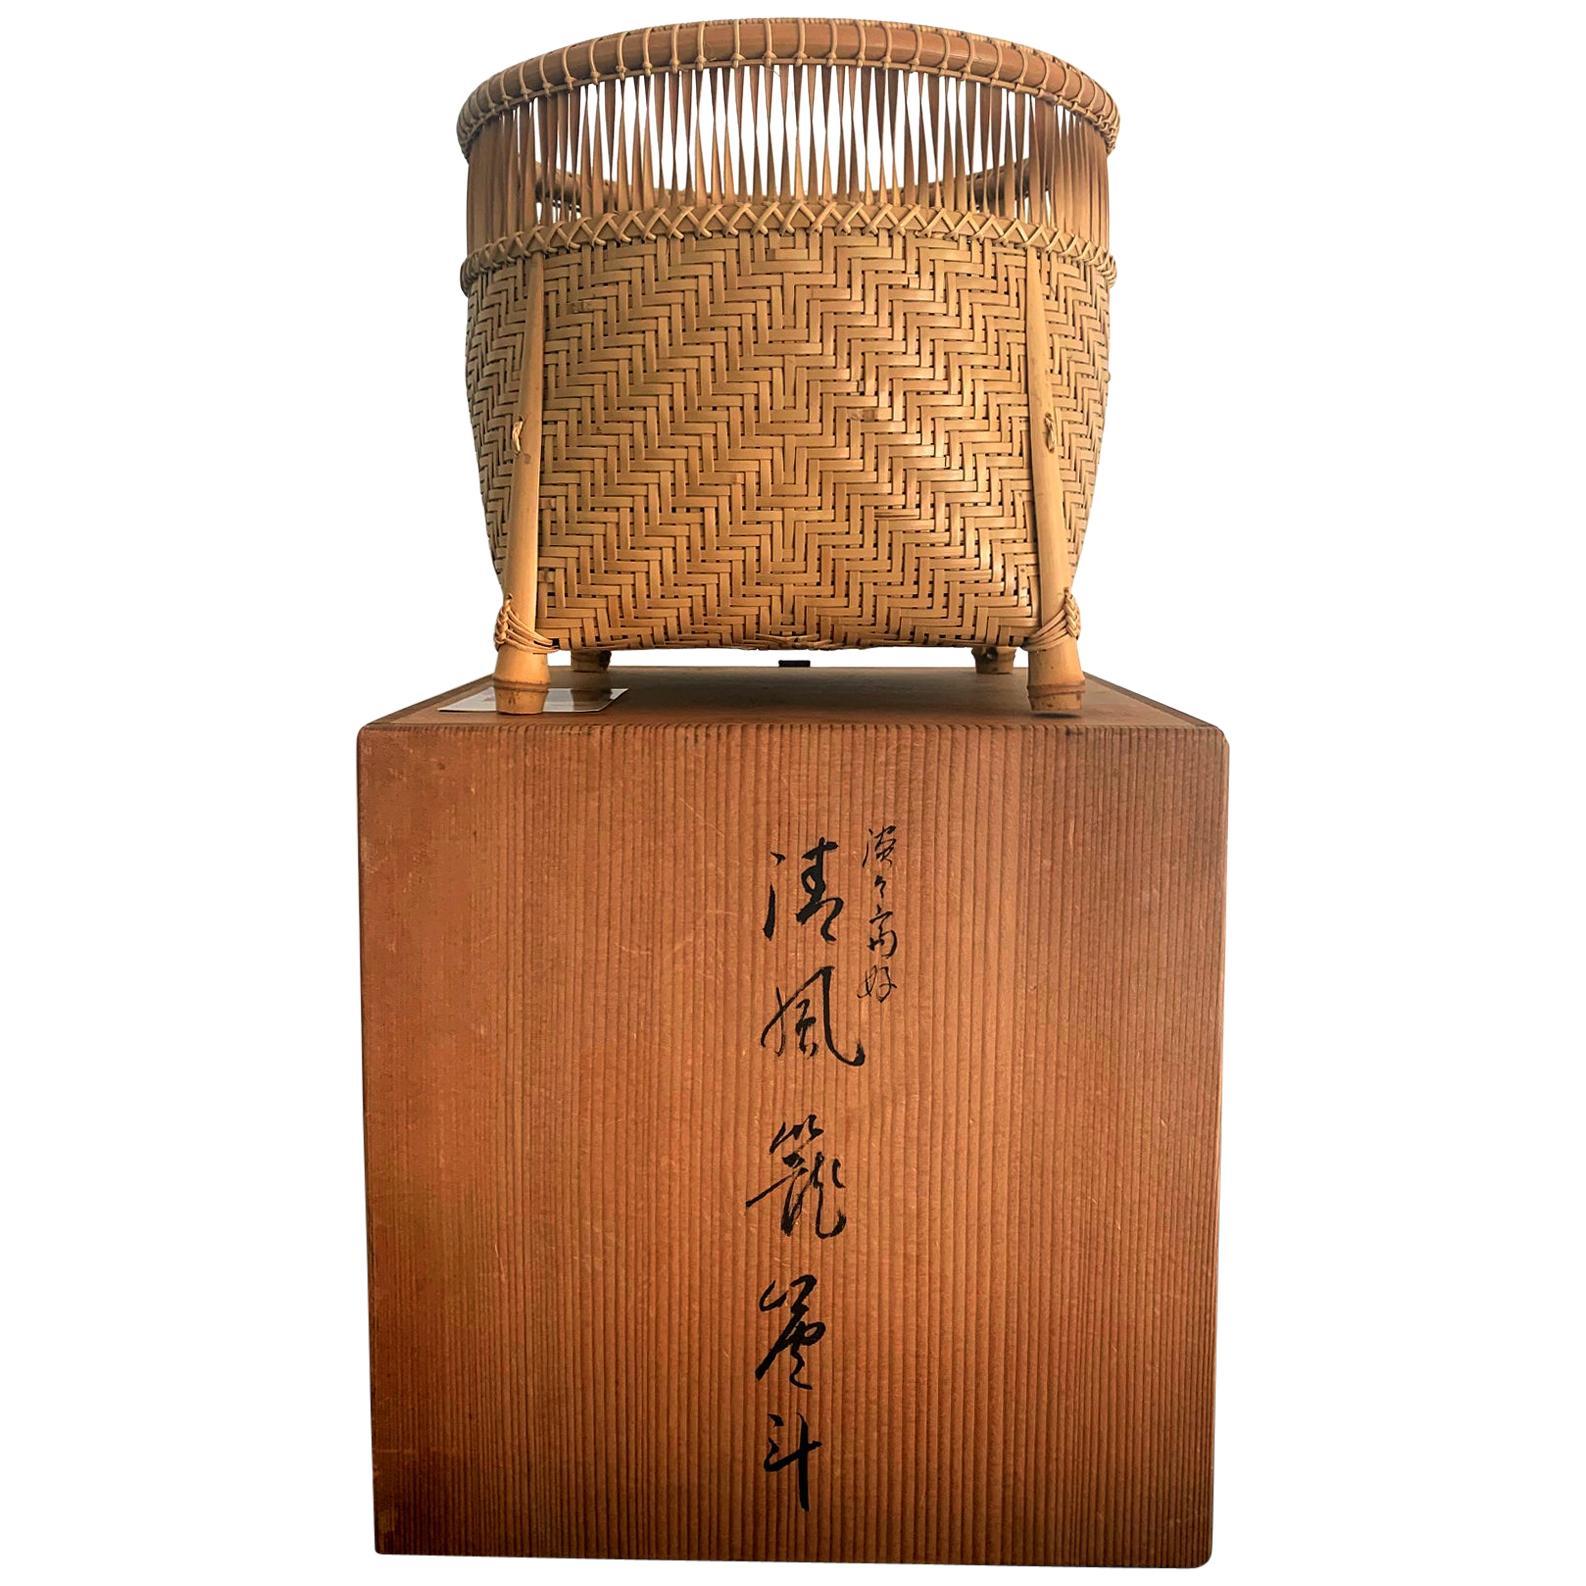 Japanese Bamboo Basket by Higashi Takesonosai